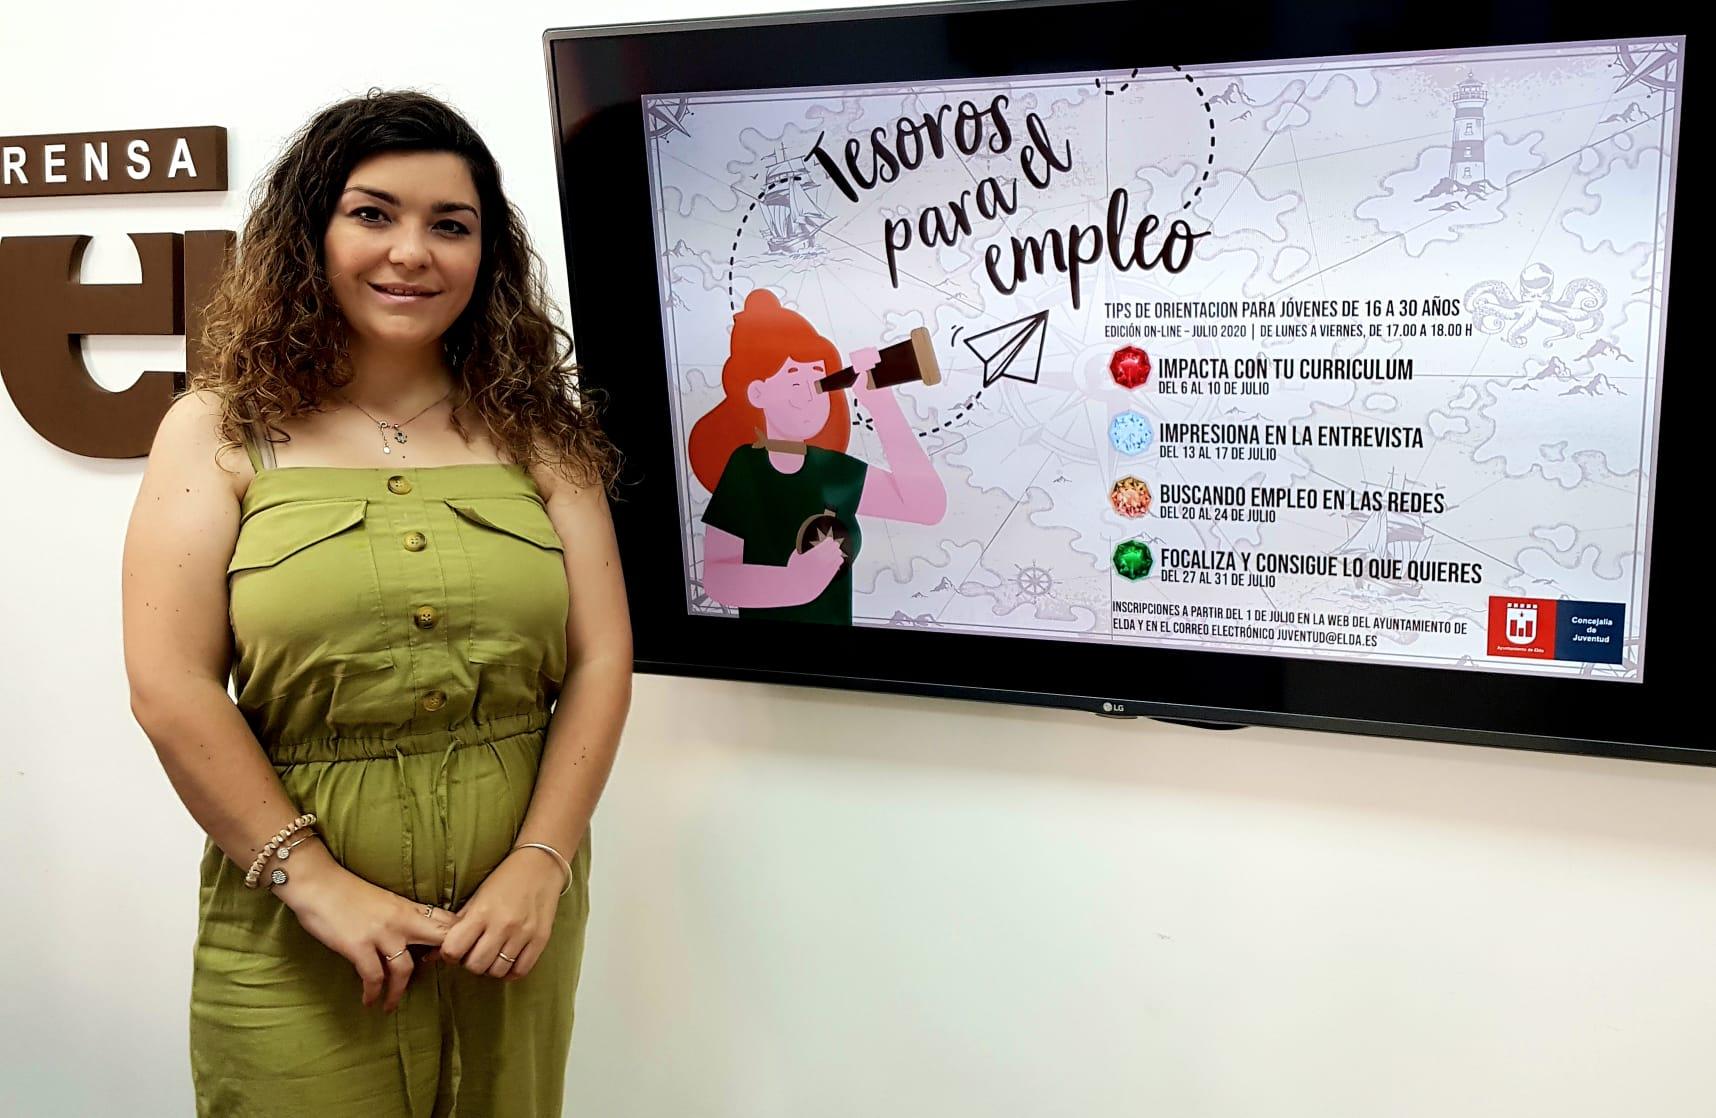 Juventud ofrece cuatro 'tips' o cursos de orientación para el empleo destinados a jóvenes de Elda de entre 16 y 30 años